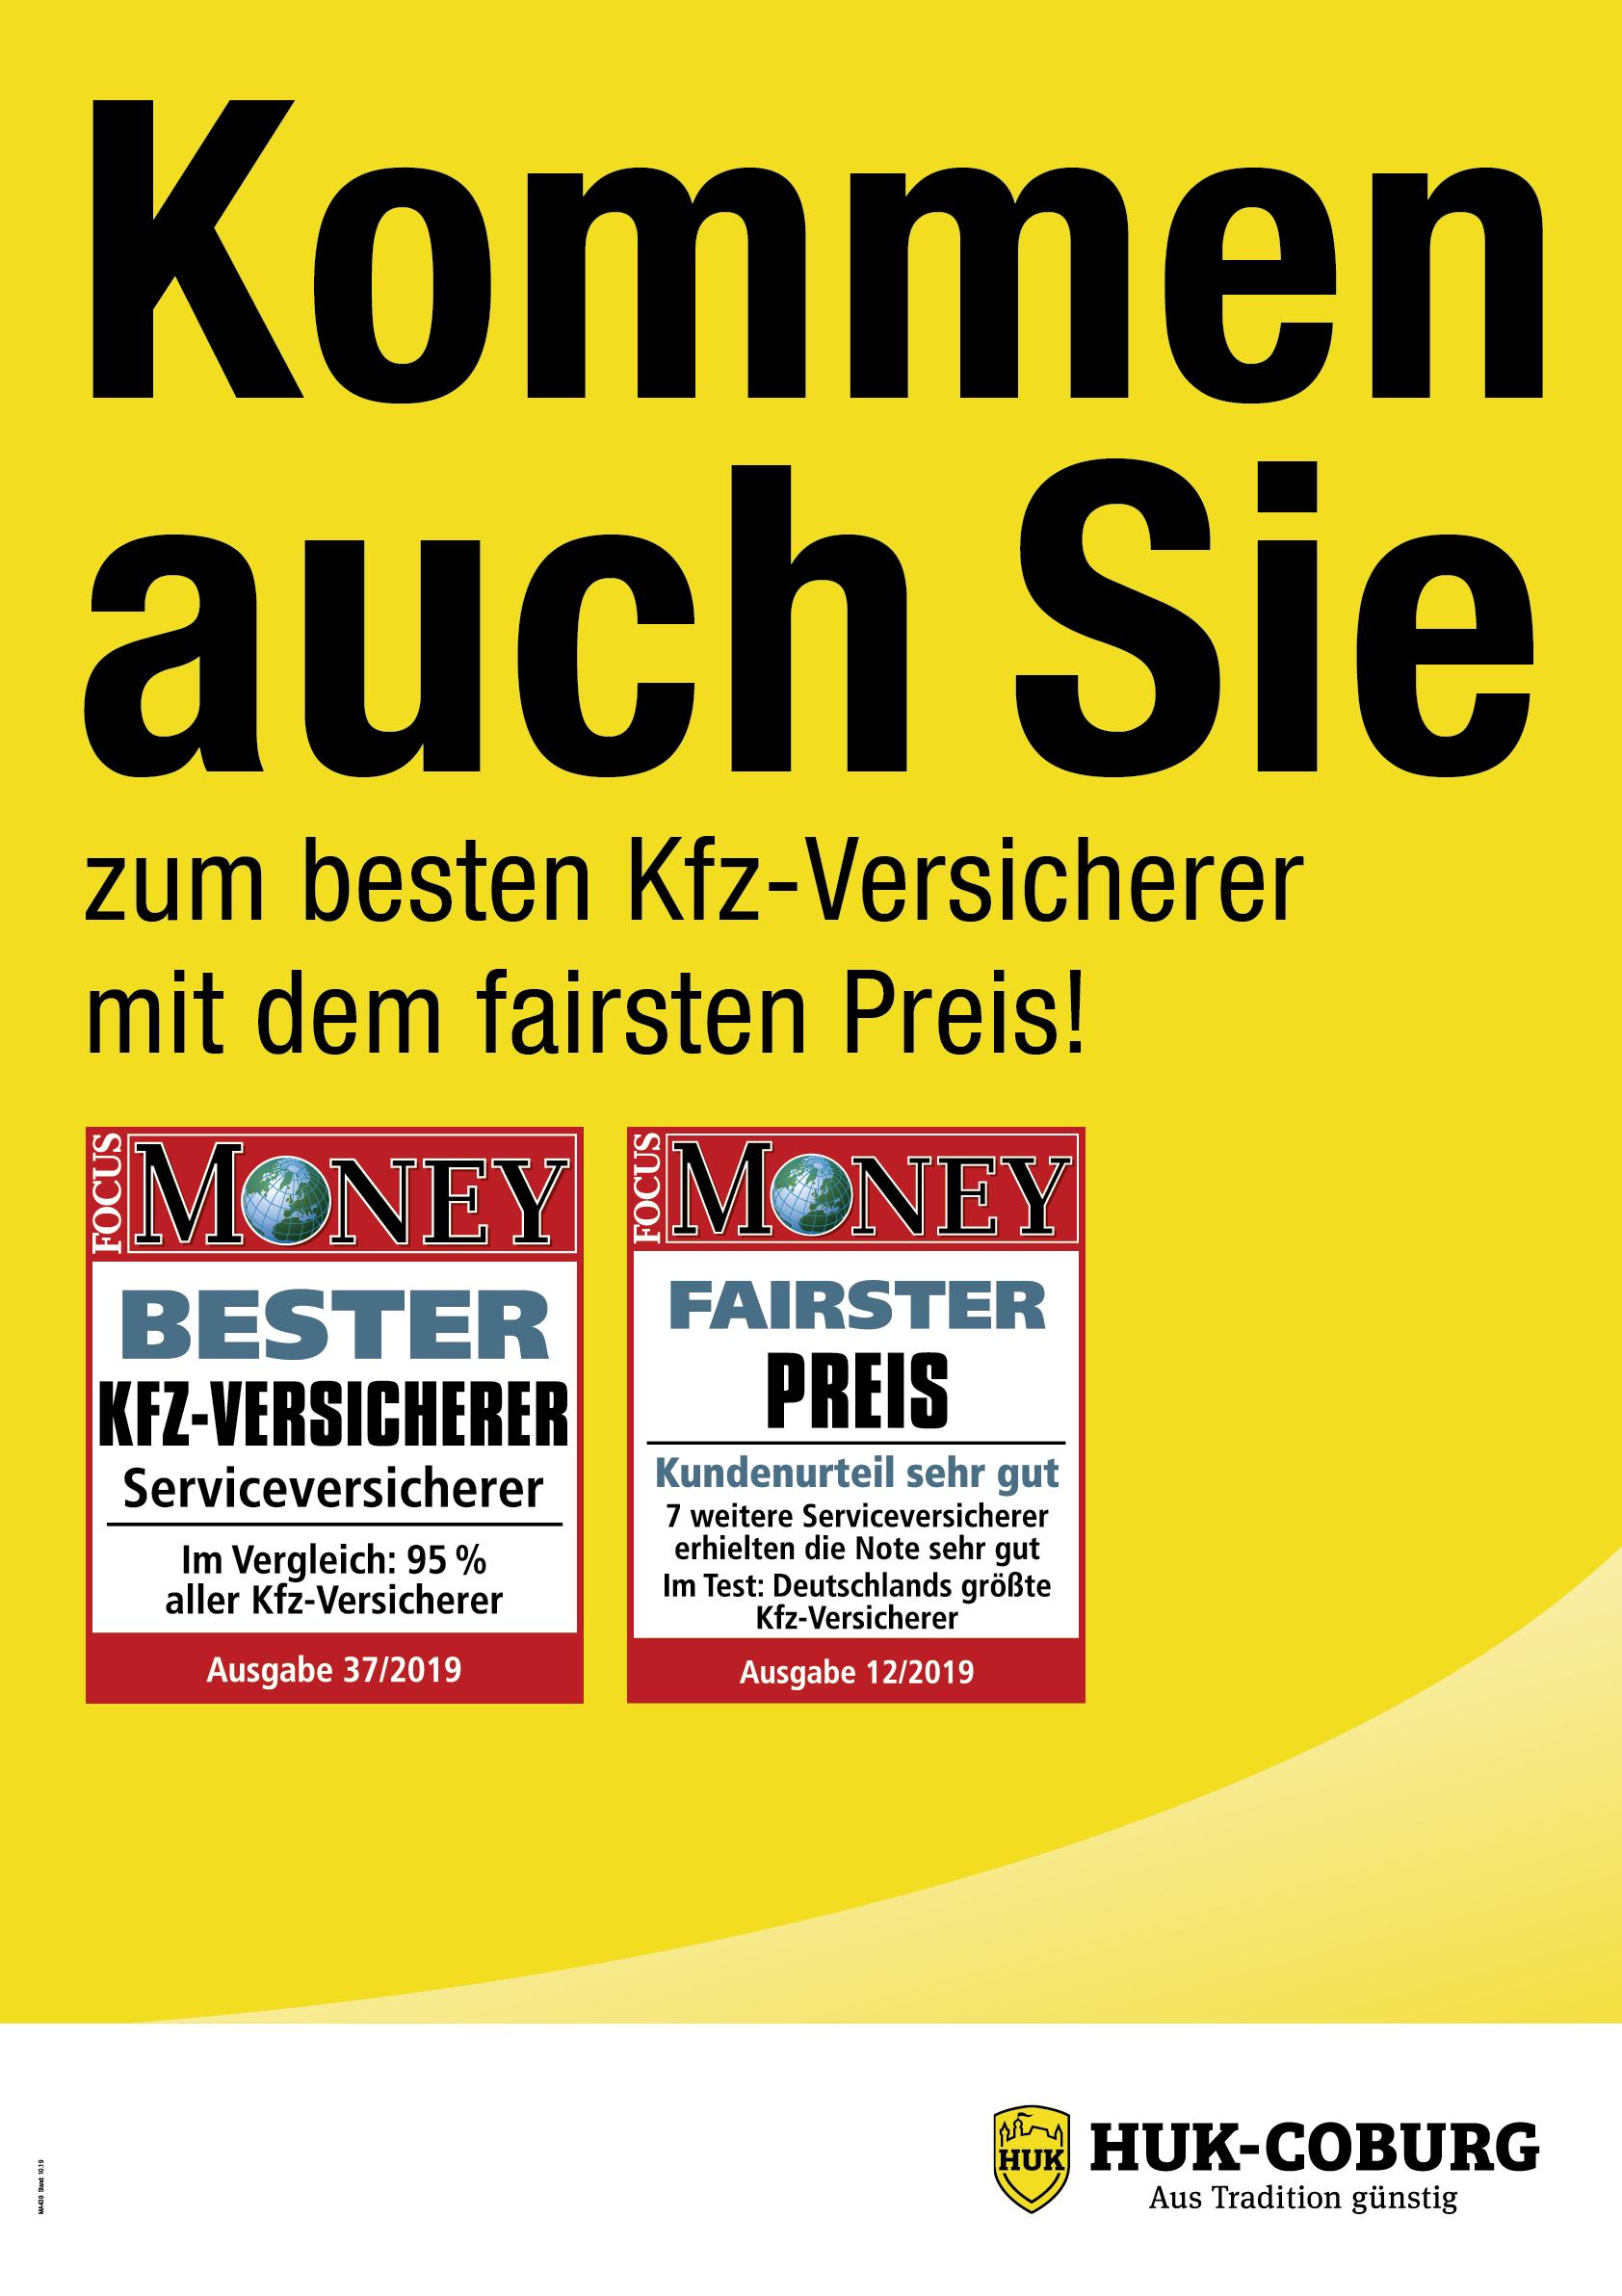 HUK-COBURG Versicherung Christof Wilhelm in Wadern - Krettnich